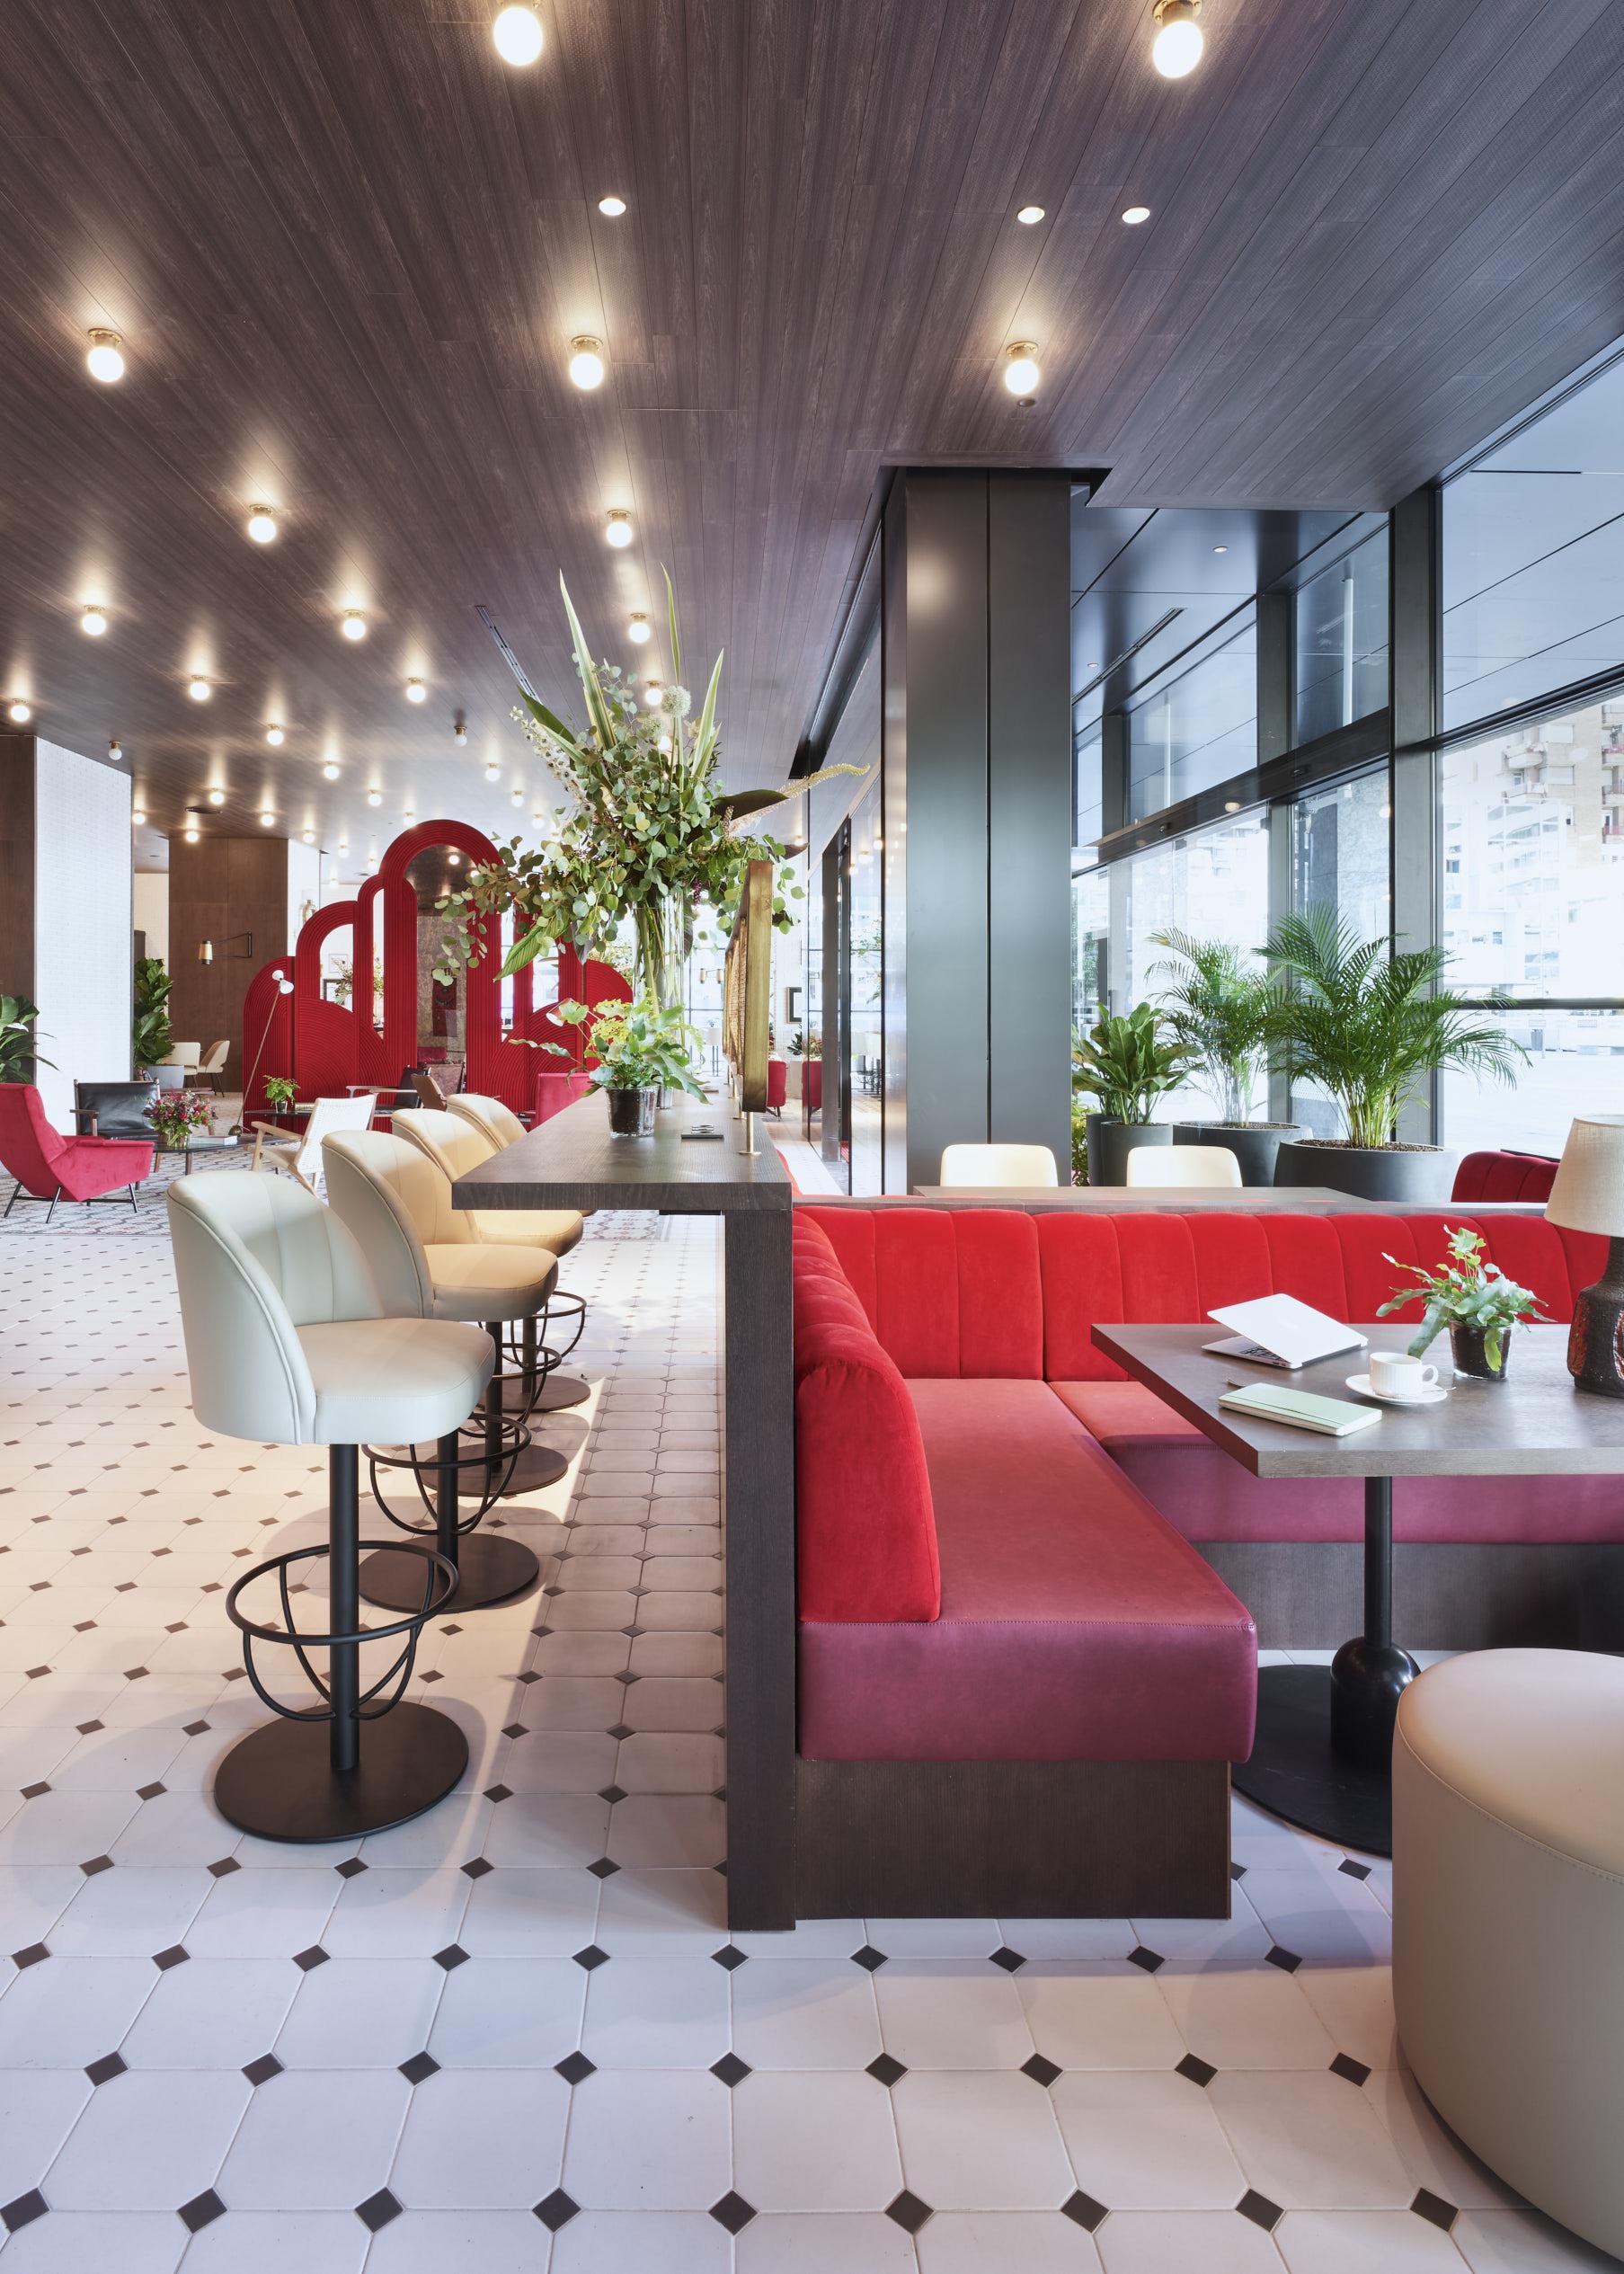 El color rojo tiñe el hotel, recreando un ambiente personal y lleno de carácter.